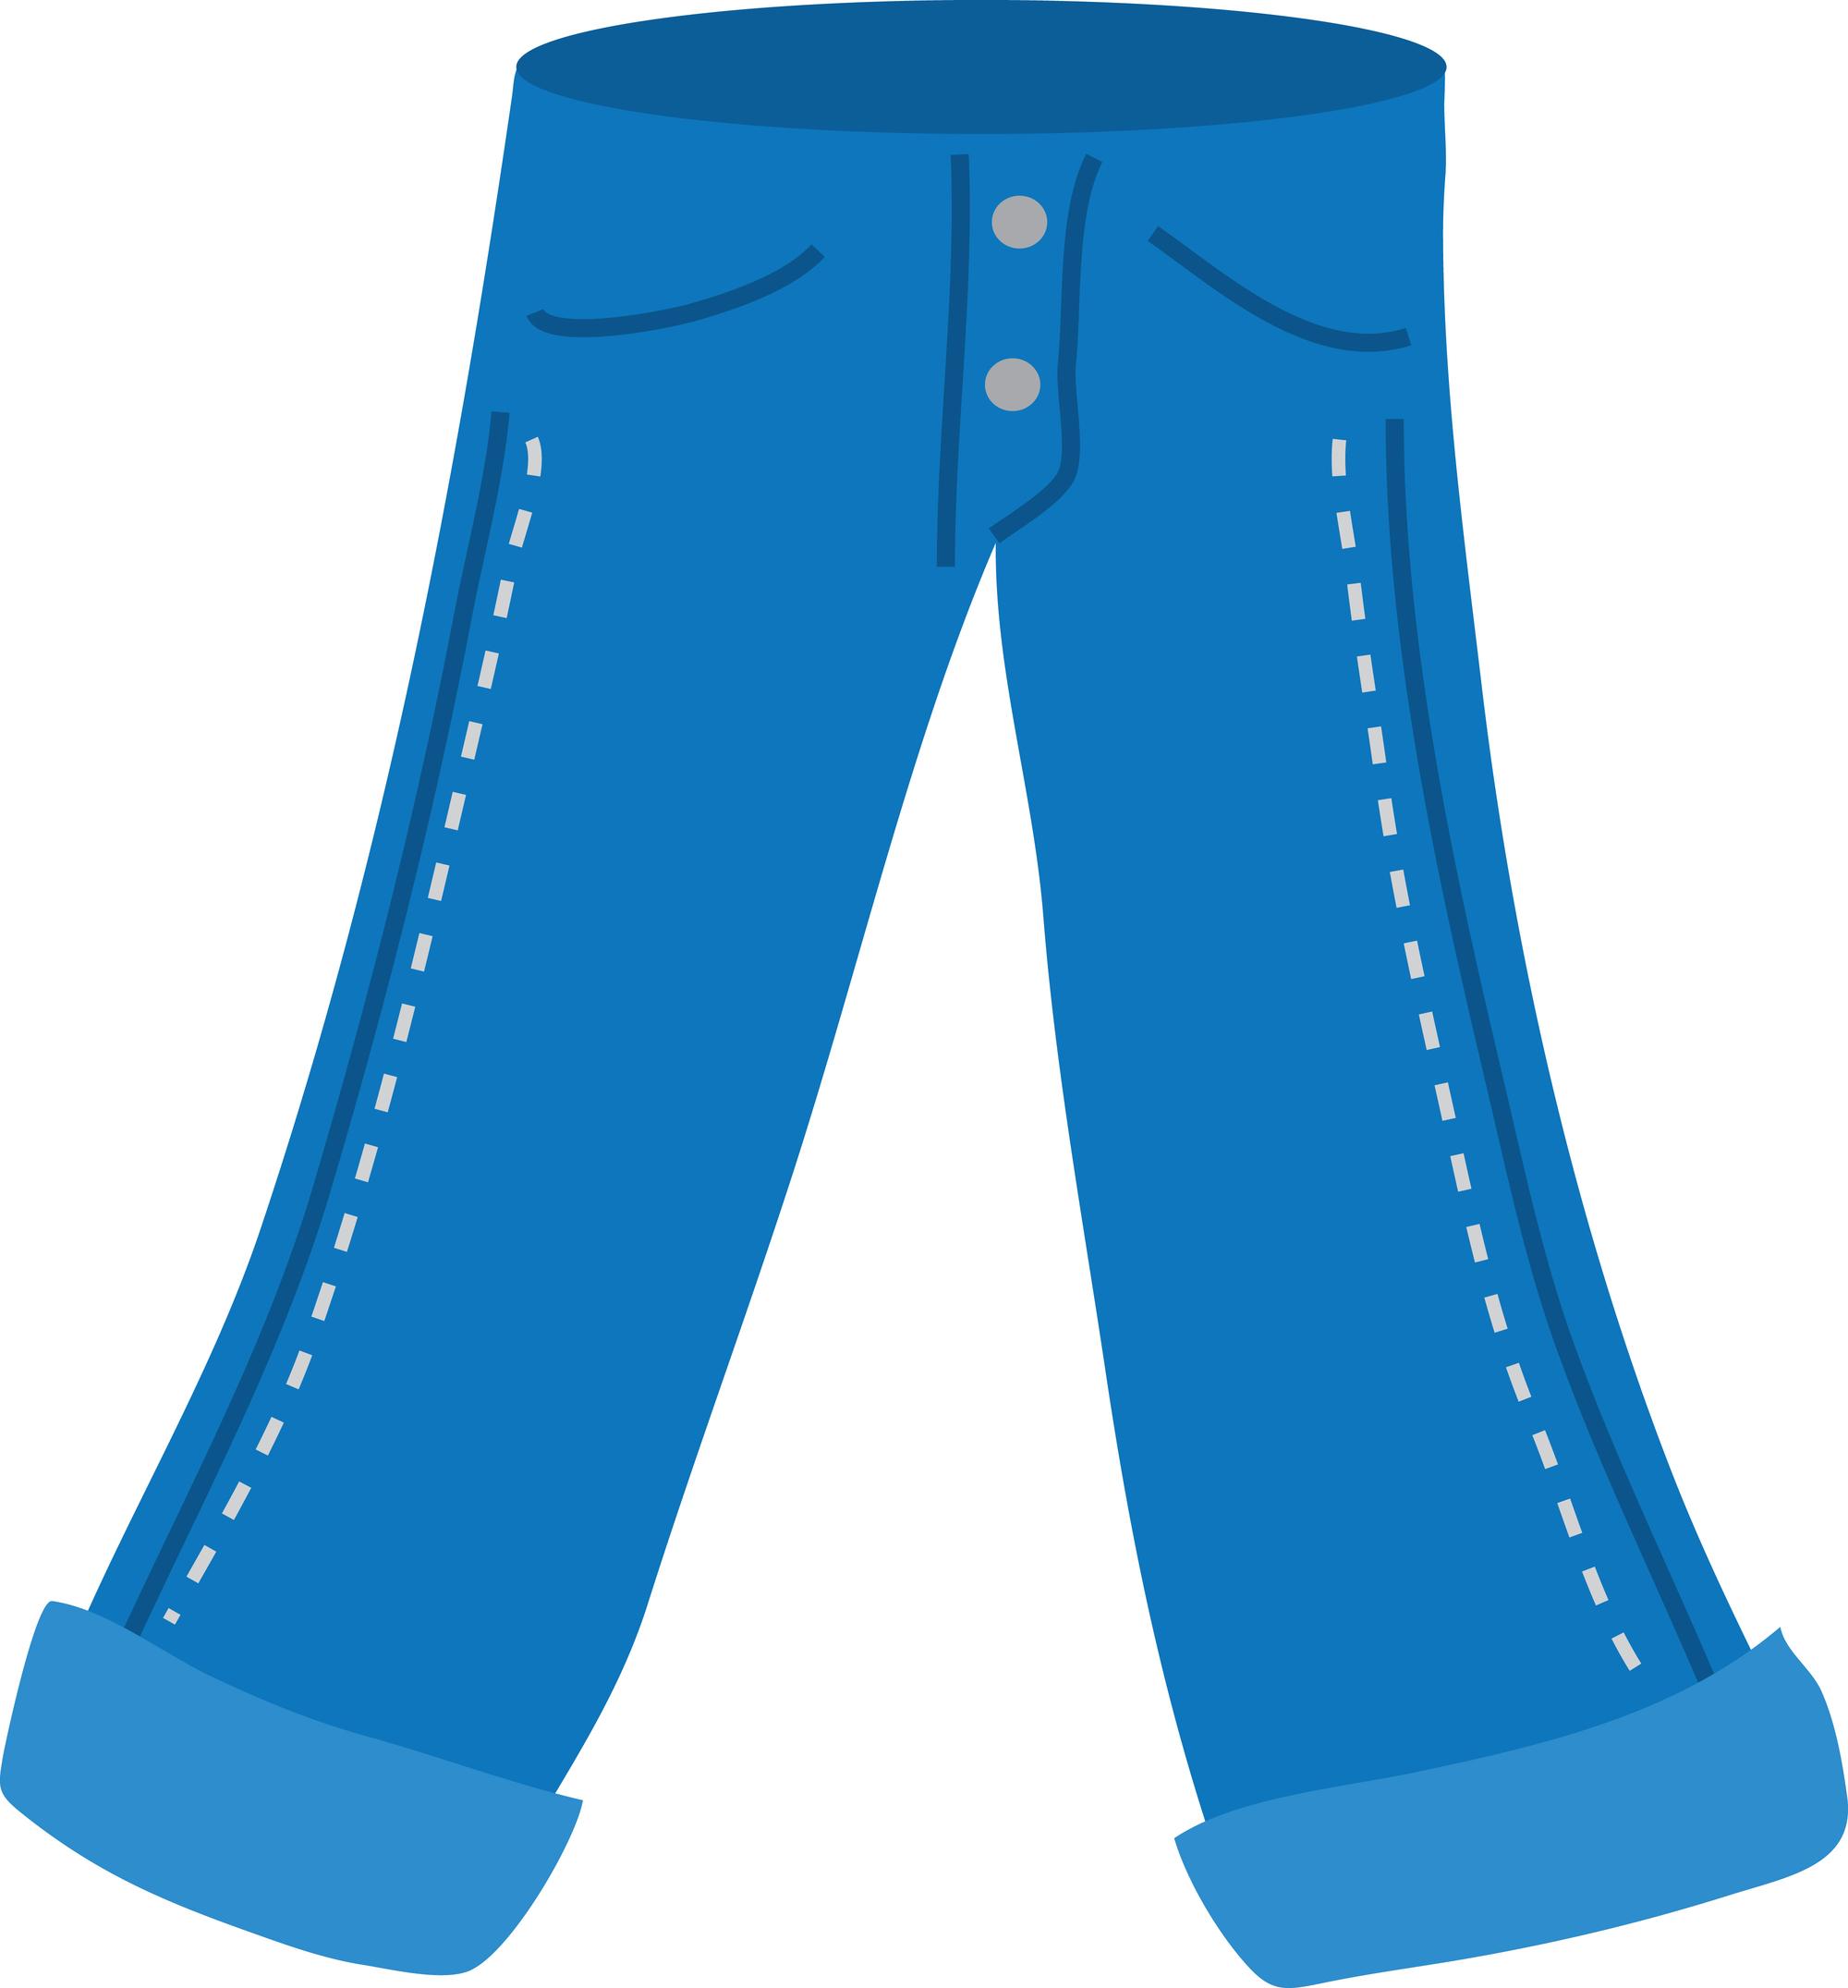 Inventive Denim Blue Jean Clip Art-Inventive Denim Blue Jean Clip Art-12